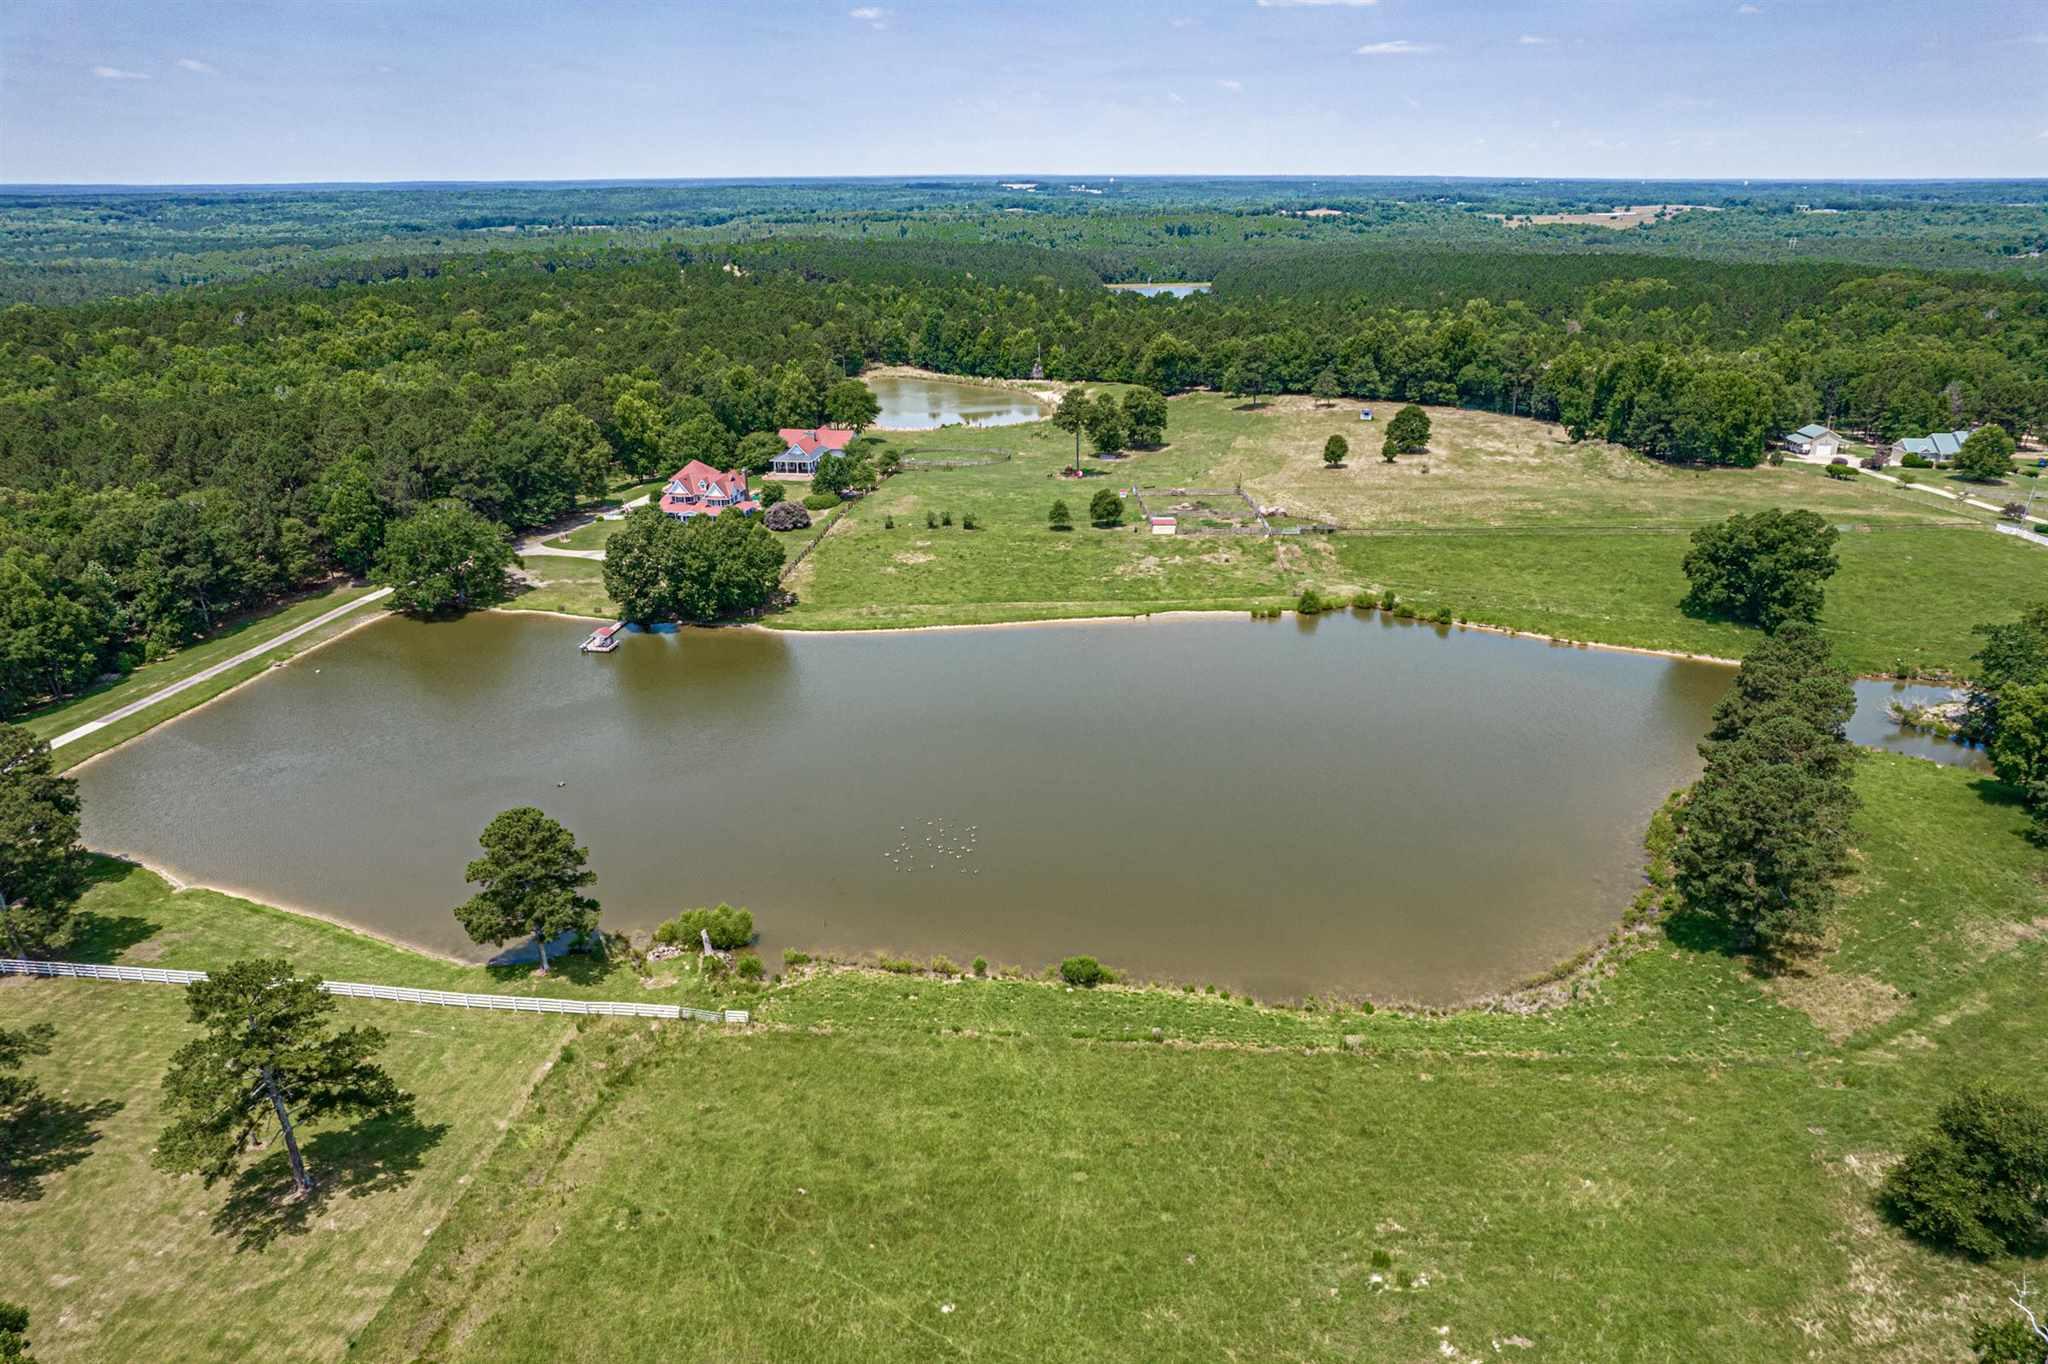 Property for sale at 603 PEA RIDGE ROAD, Eatonton,  Georgia 31024